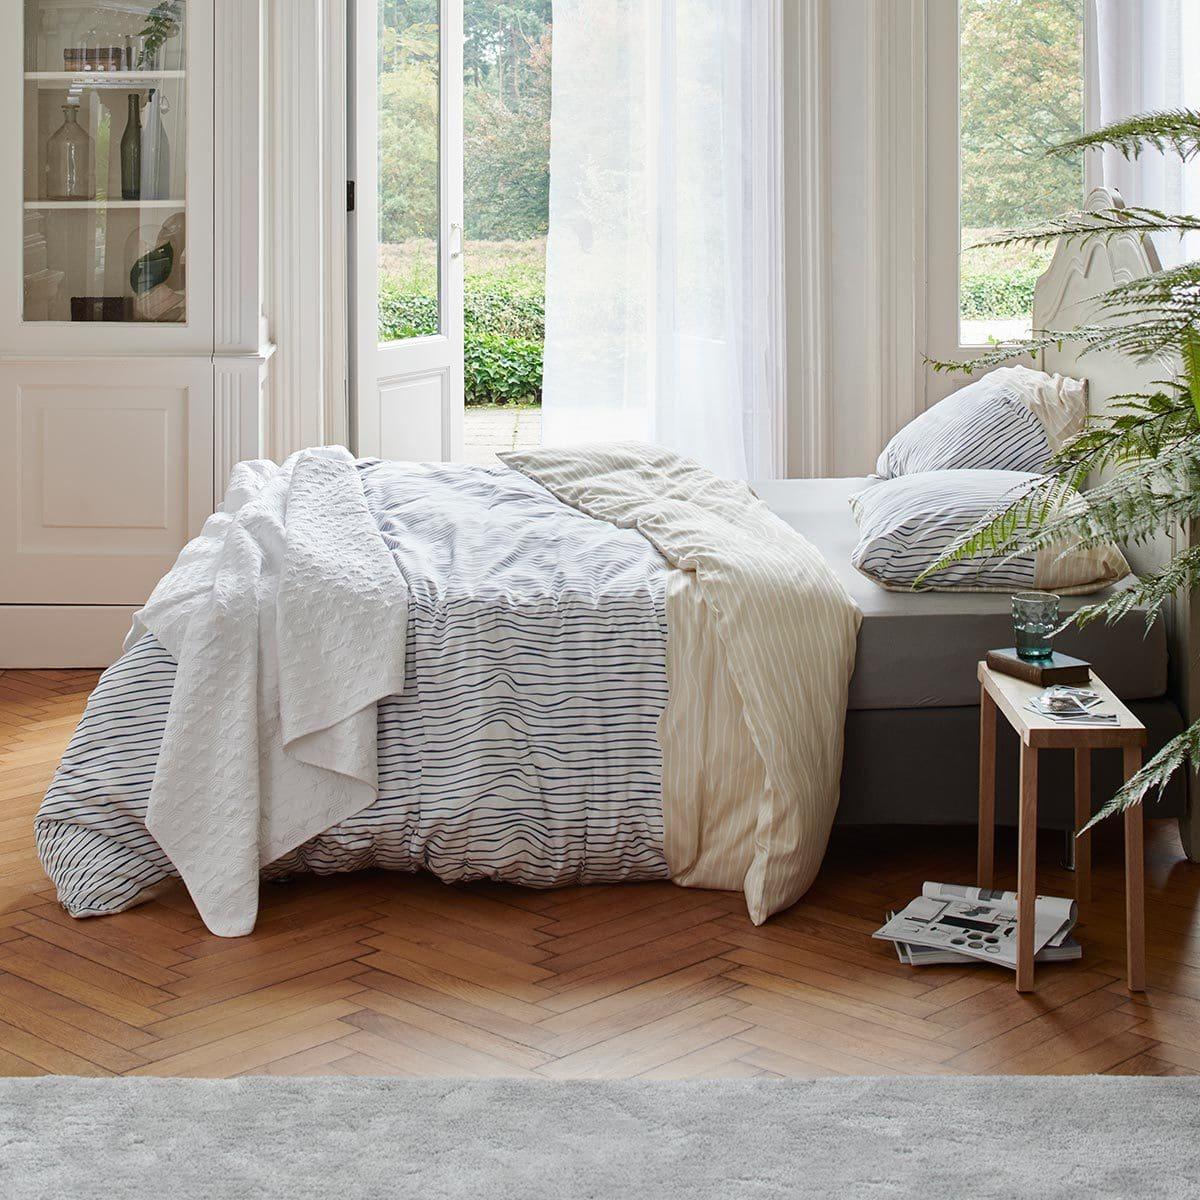 Bettwasche Blau Preisvergleich Die Besten Angebote Online Kaufen